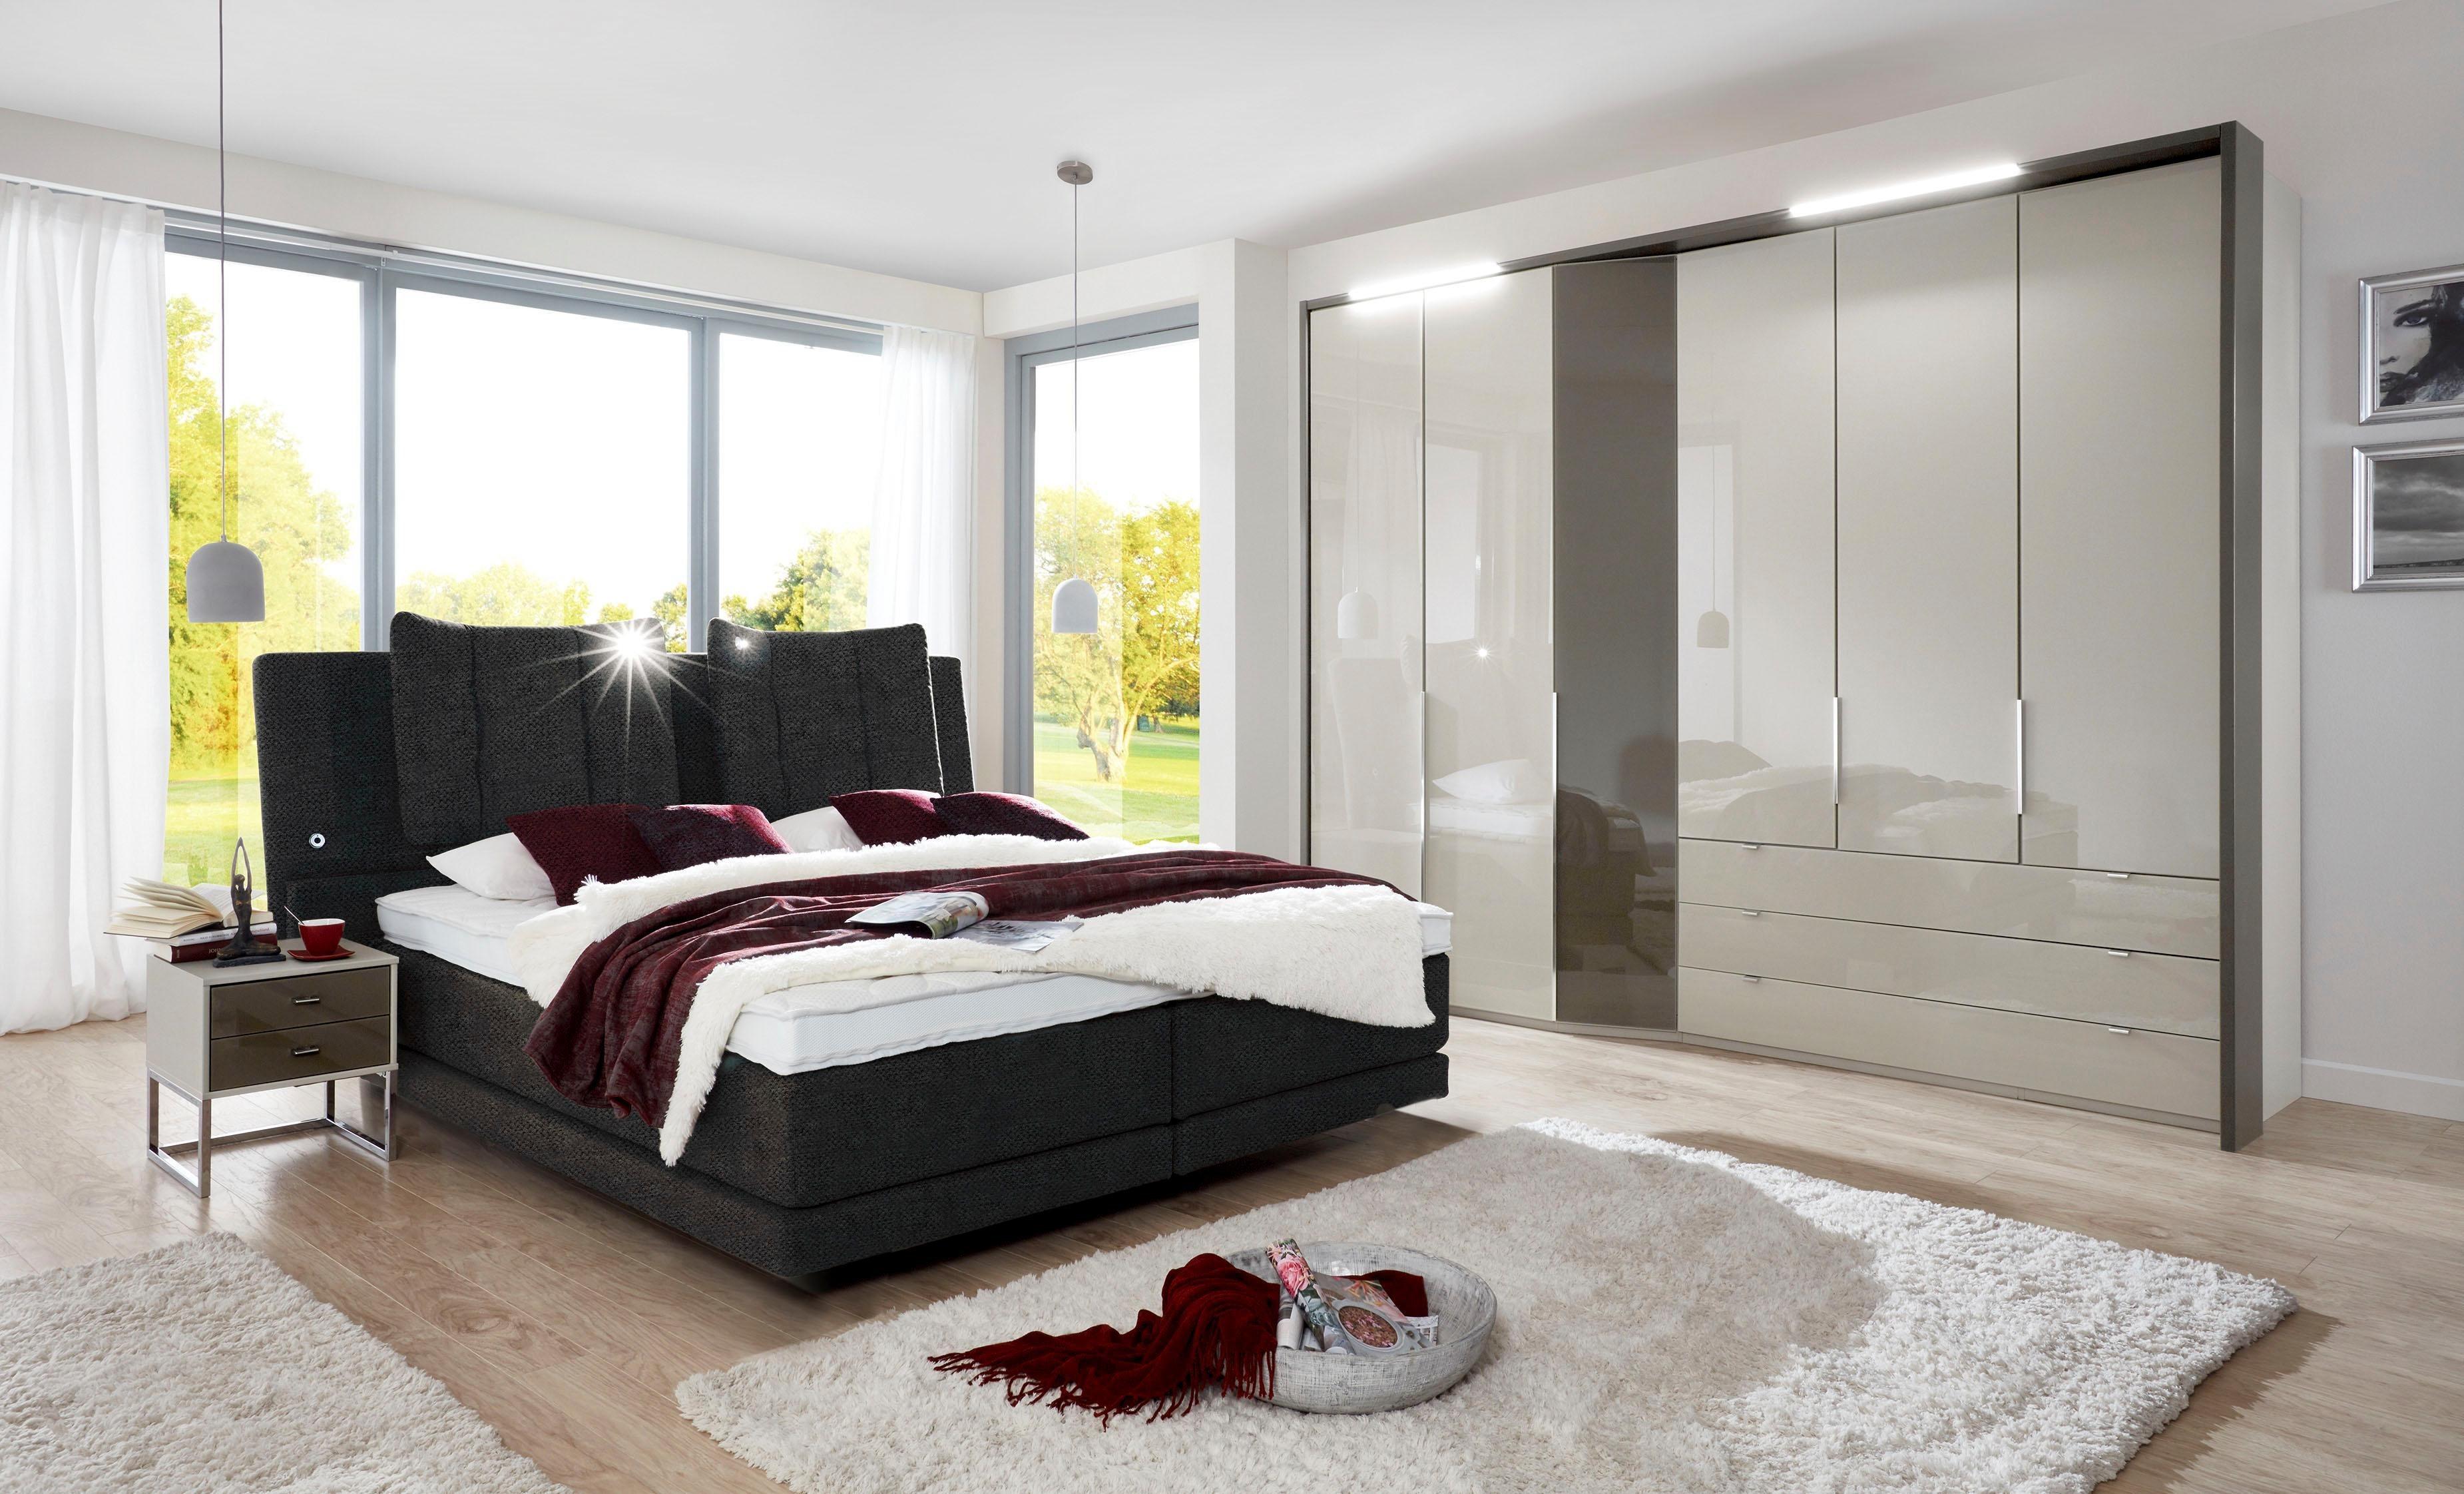 silber nachttisch top vidaxl aluminium nachttisch couchtisch wohnzimmer design silber von. Black Bedroom Furniture Sets. Home Design Ideas